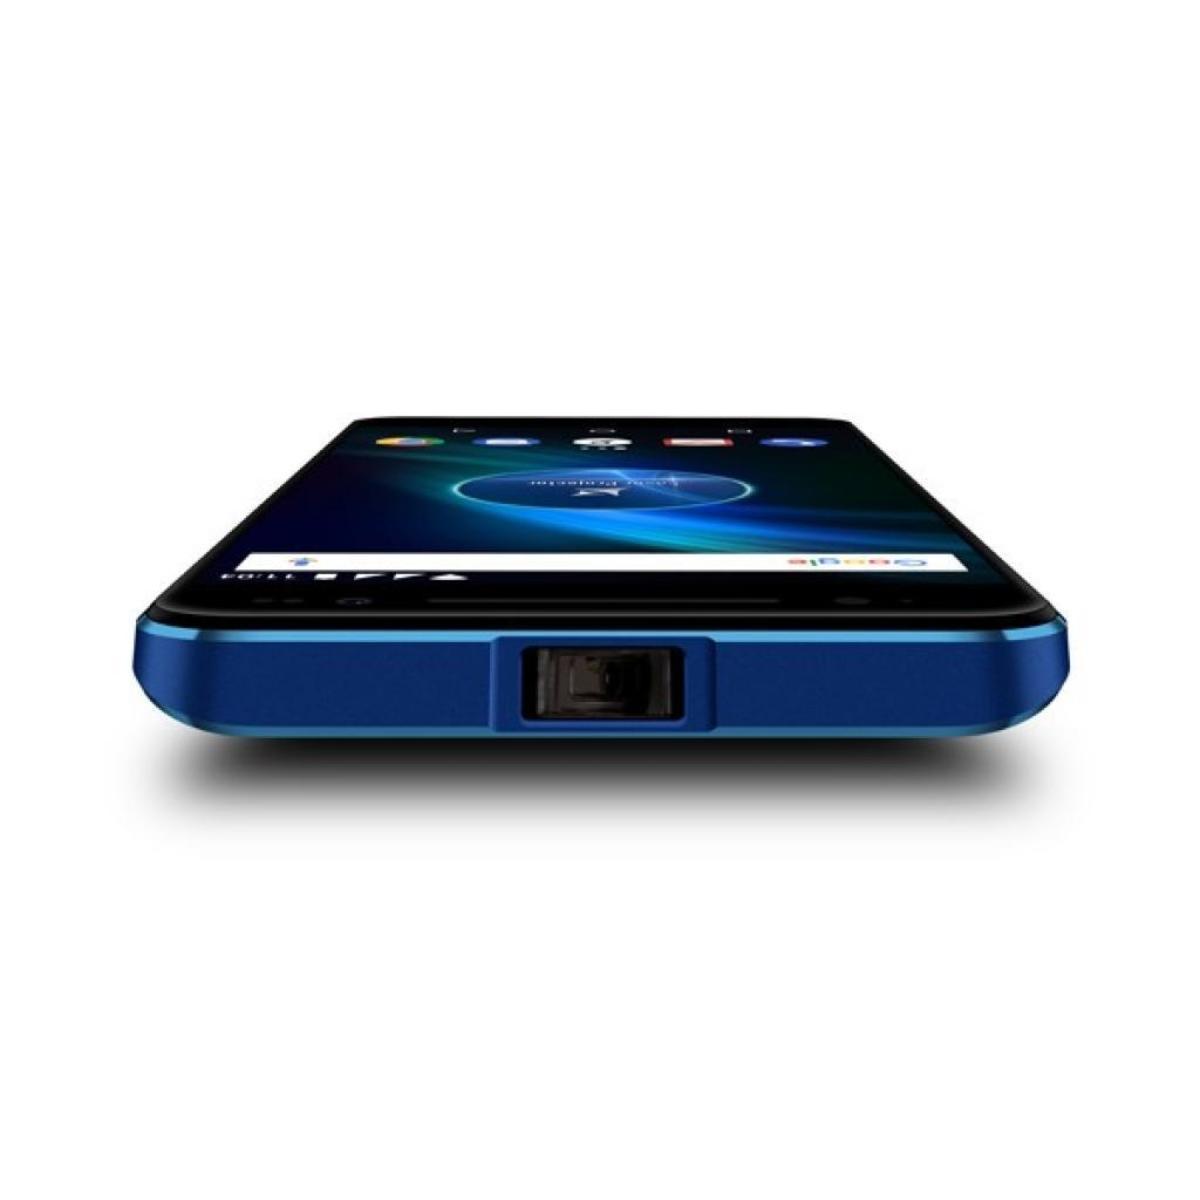 Bild 5 von Allview X4 Soul Vision Smartphone